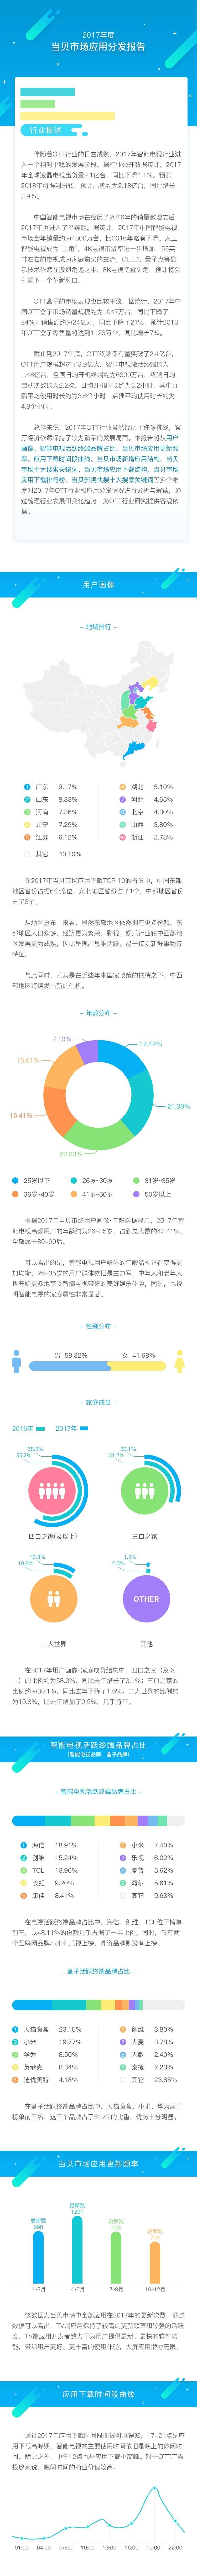 2017年度当贝市场应用分发报告